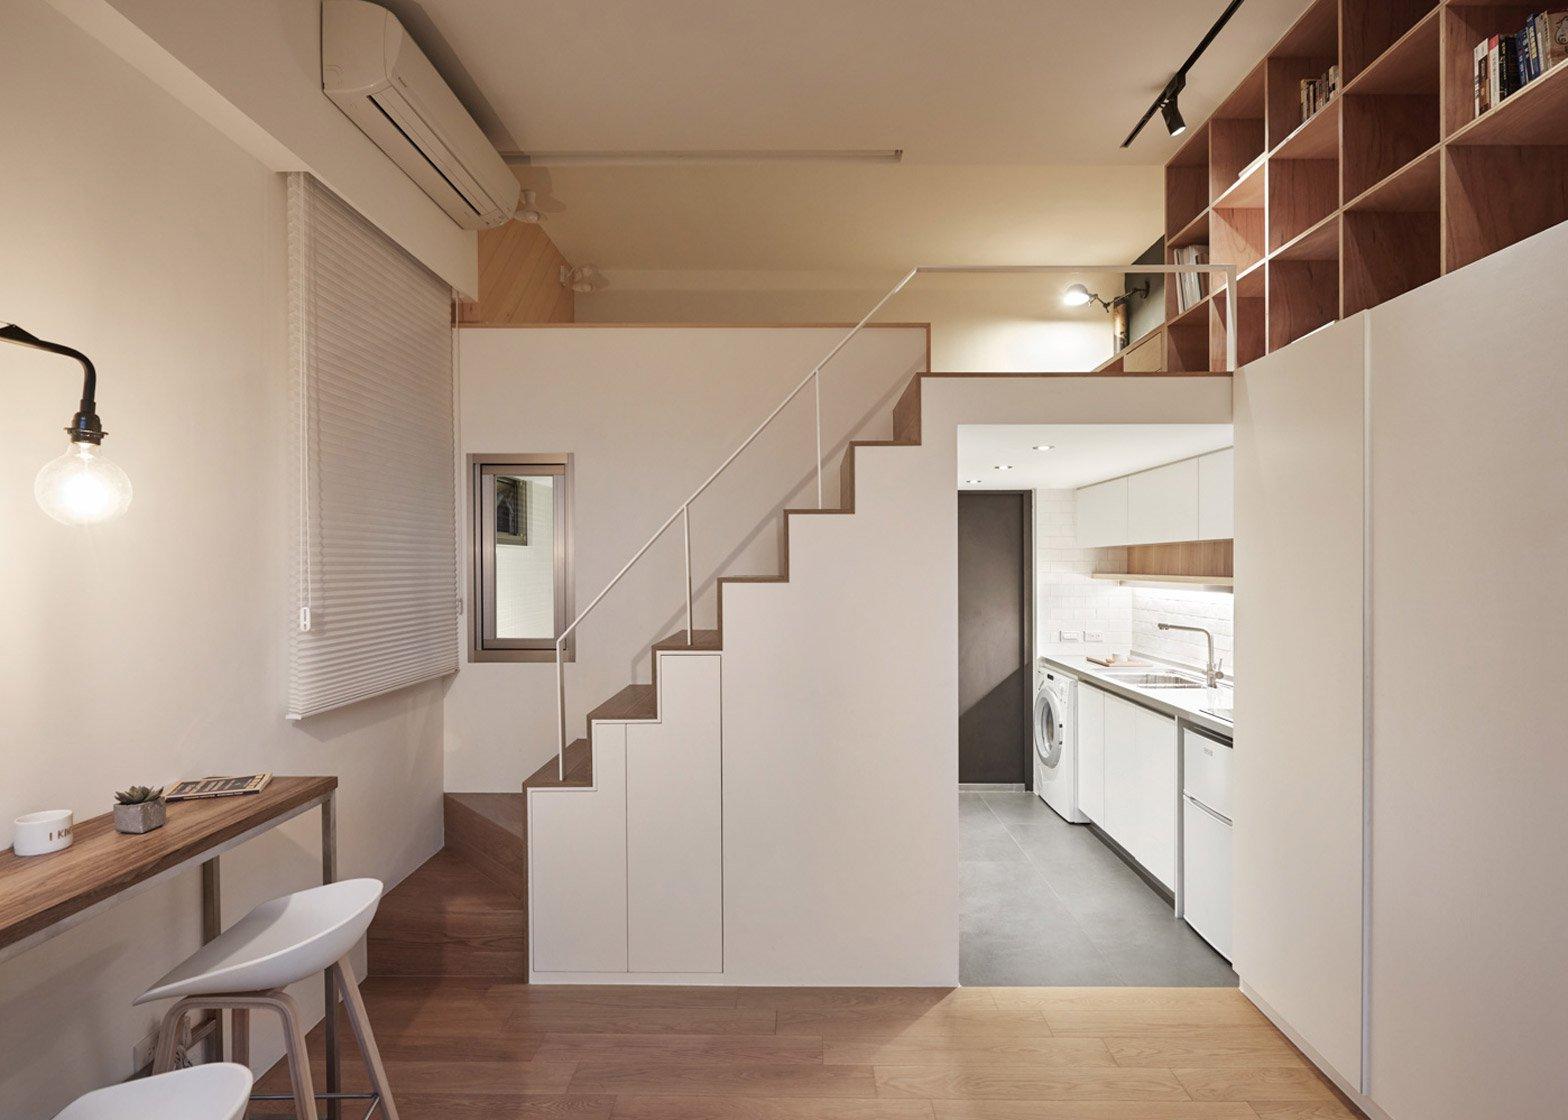 11 Desain Apartemen Mungil Favorit Keluarga